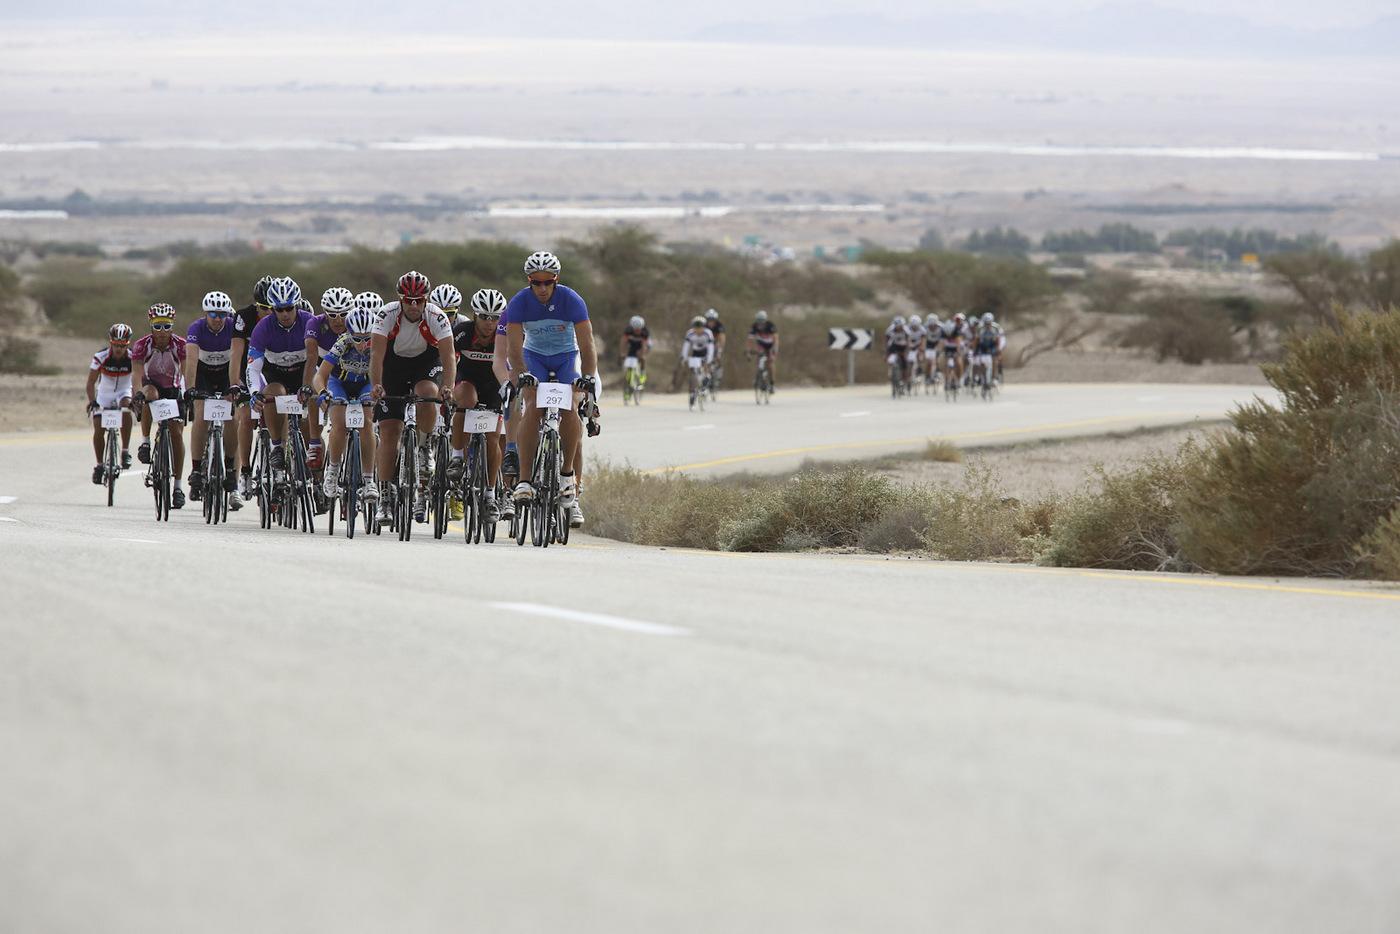 צלמי האופניים - על האנשים שמאחורי העדשה